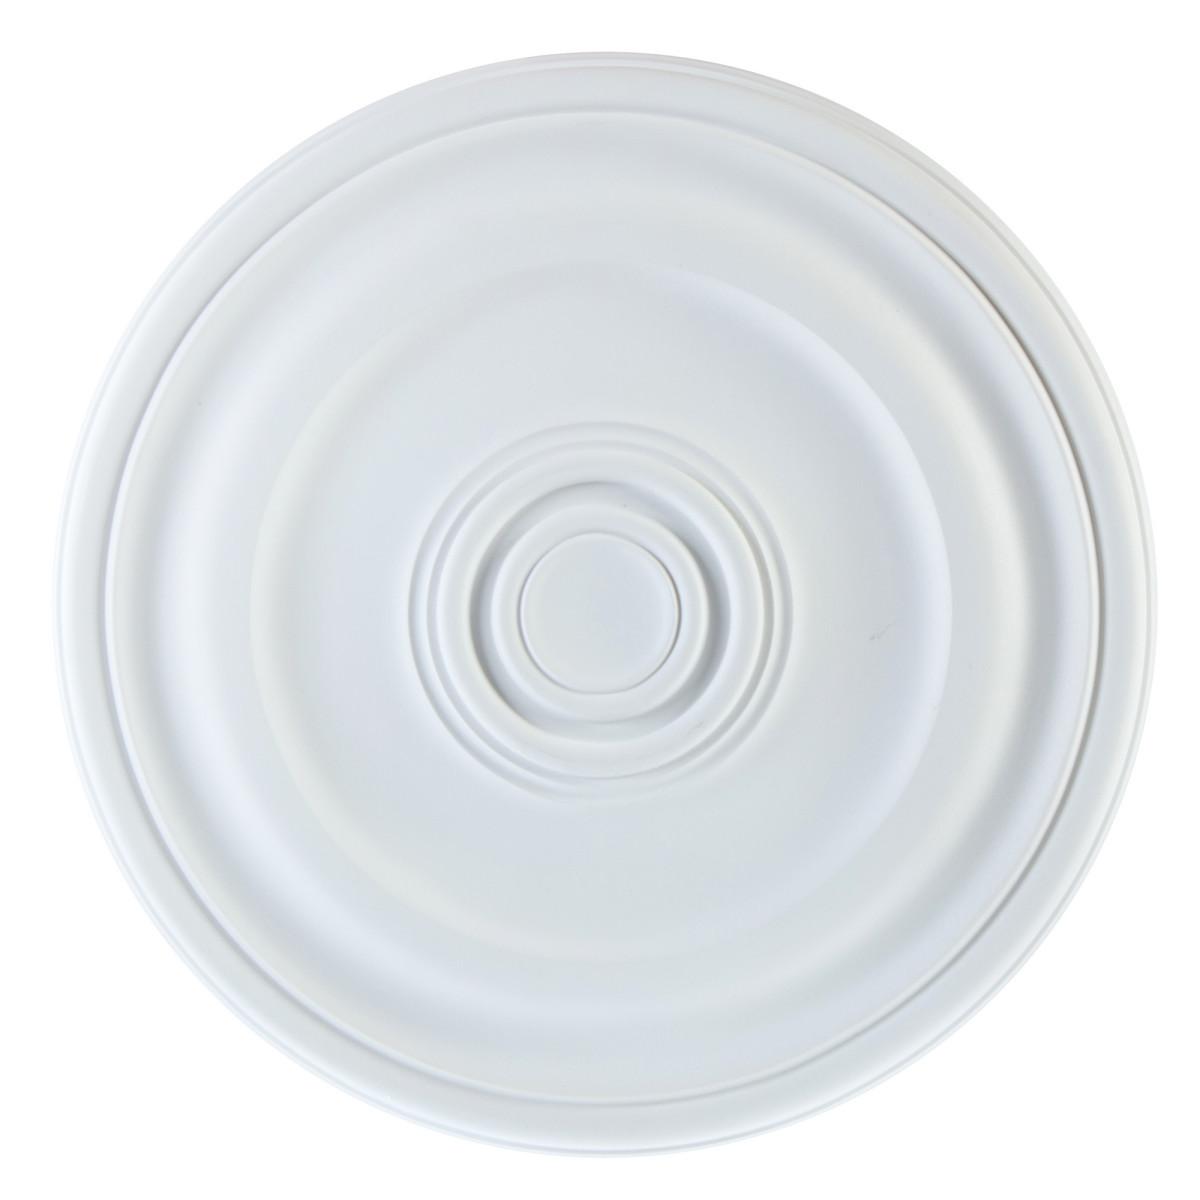 Розетка потолочная полиуретан Decomaster DM-0402 белая диаметр 40.3 см